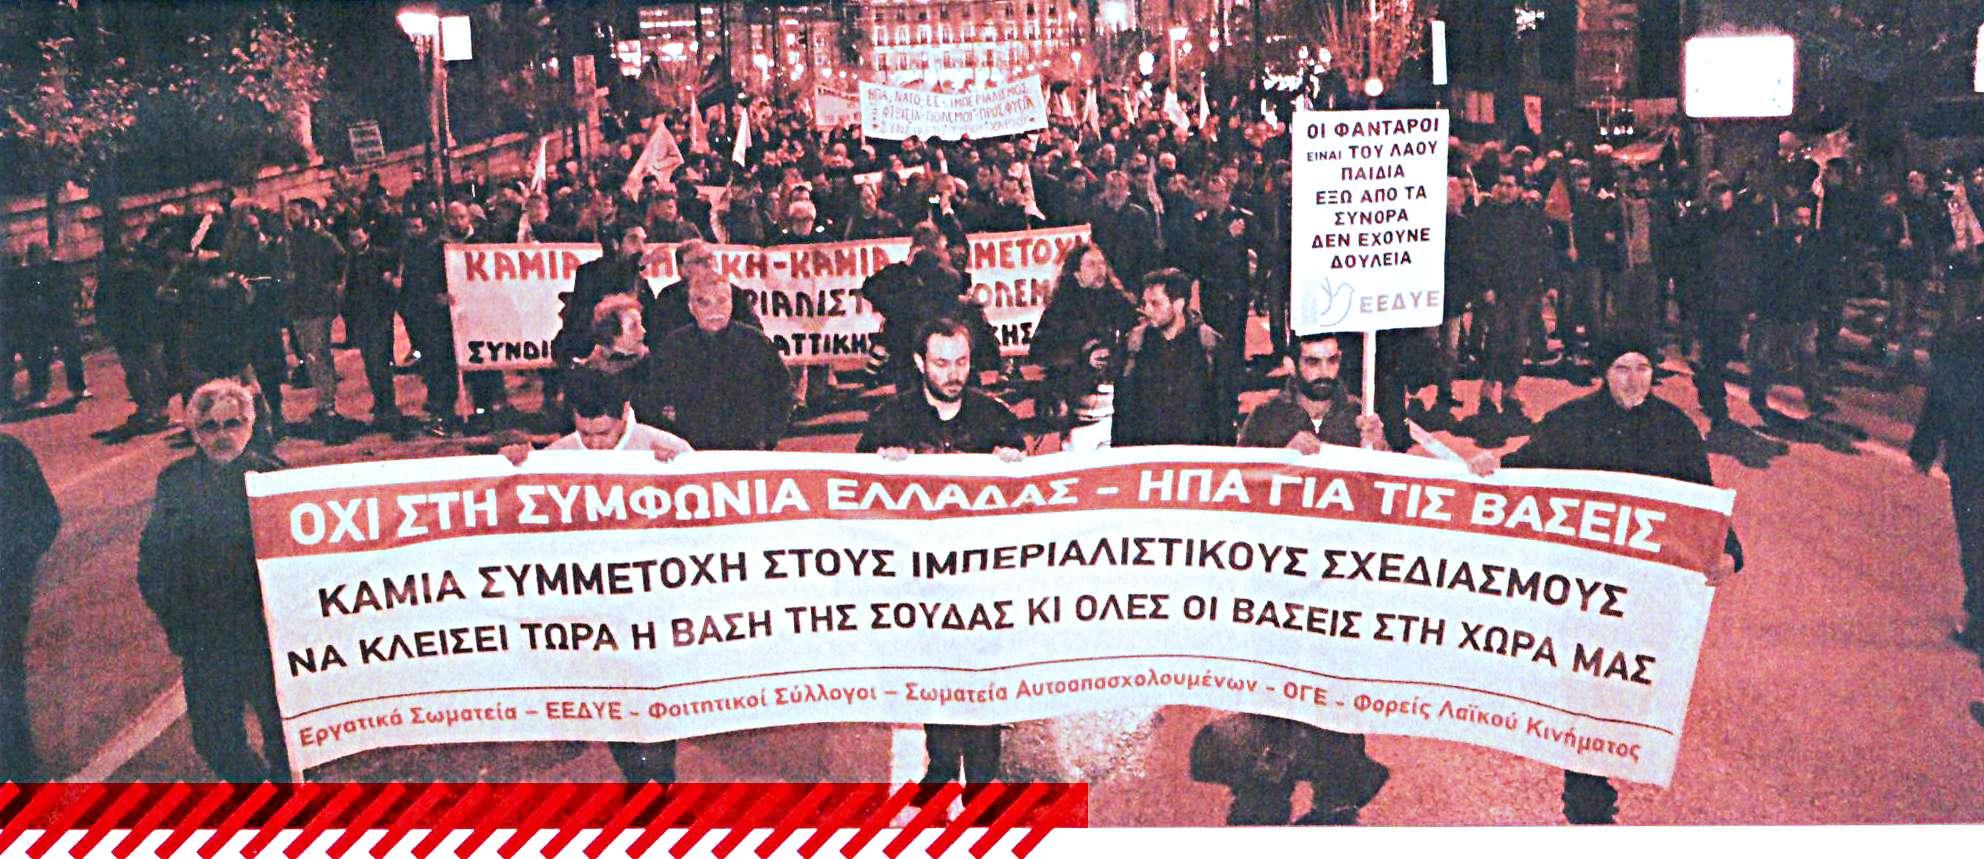 ΟΧΙ στη συμφωνία Ελλάδας ΗΠΑ